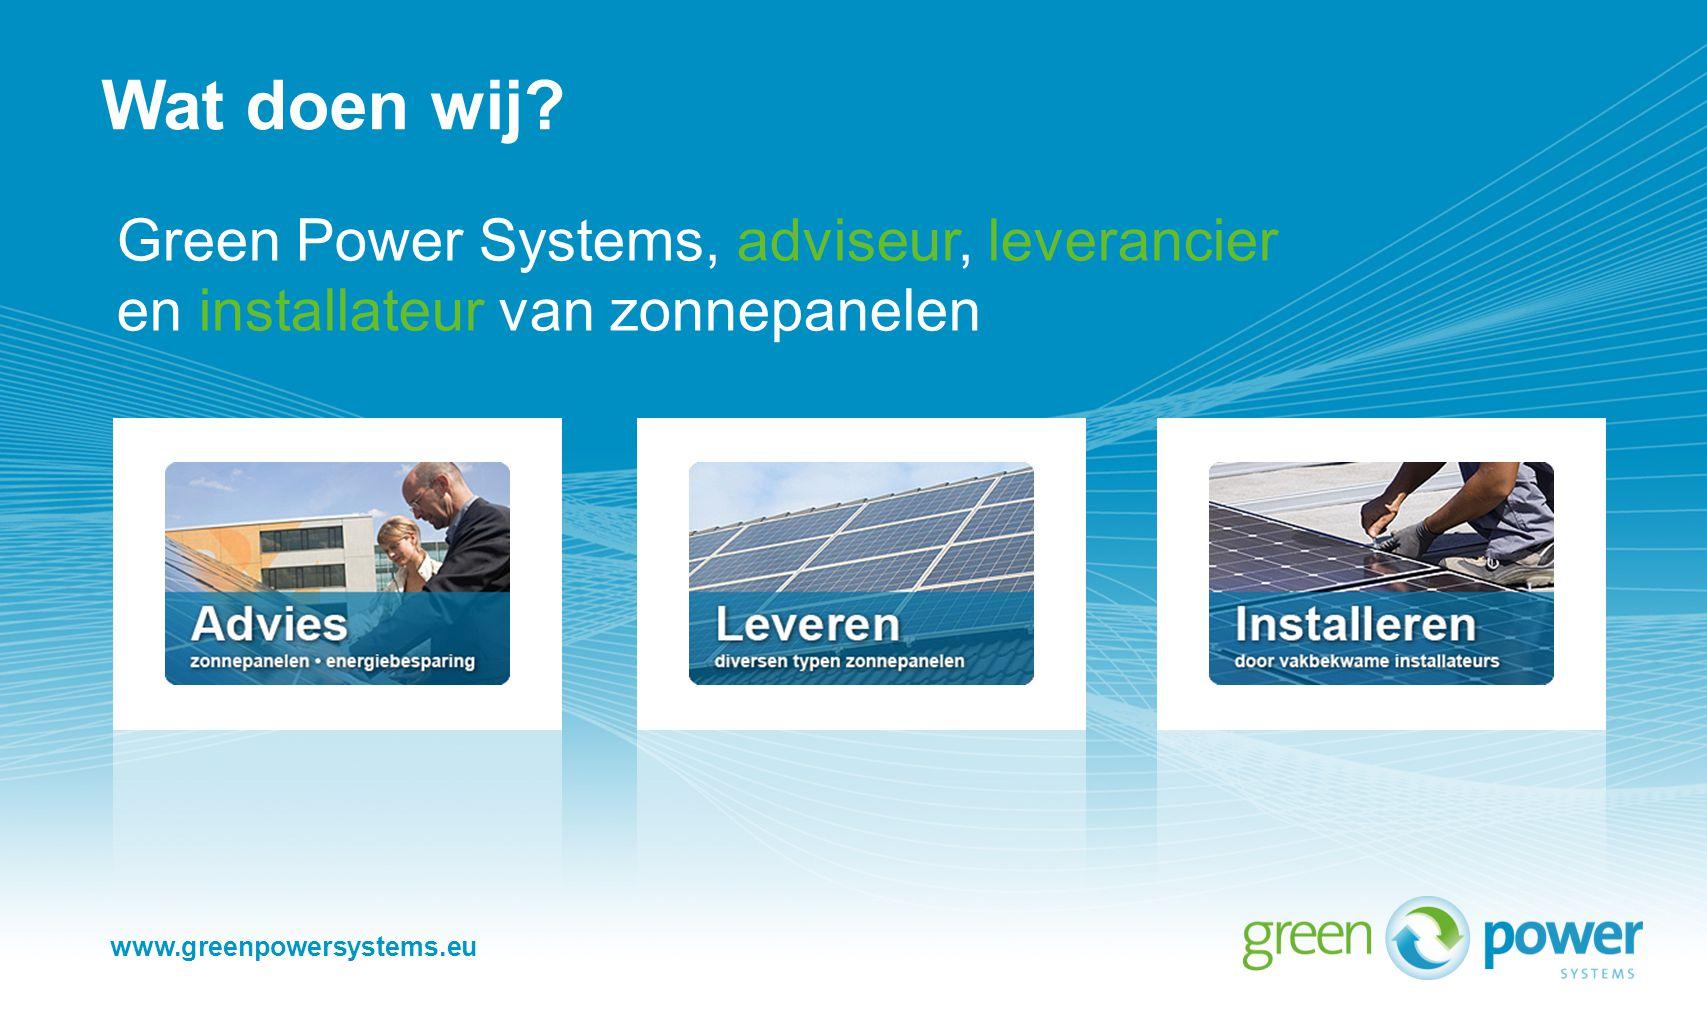 Wat doen wij Green Power Systems, adviseur, leverancier en installateur van zonnepanelen